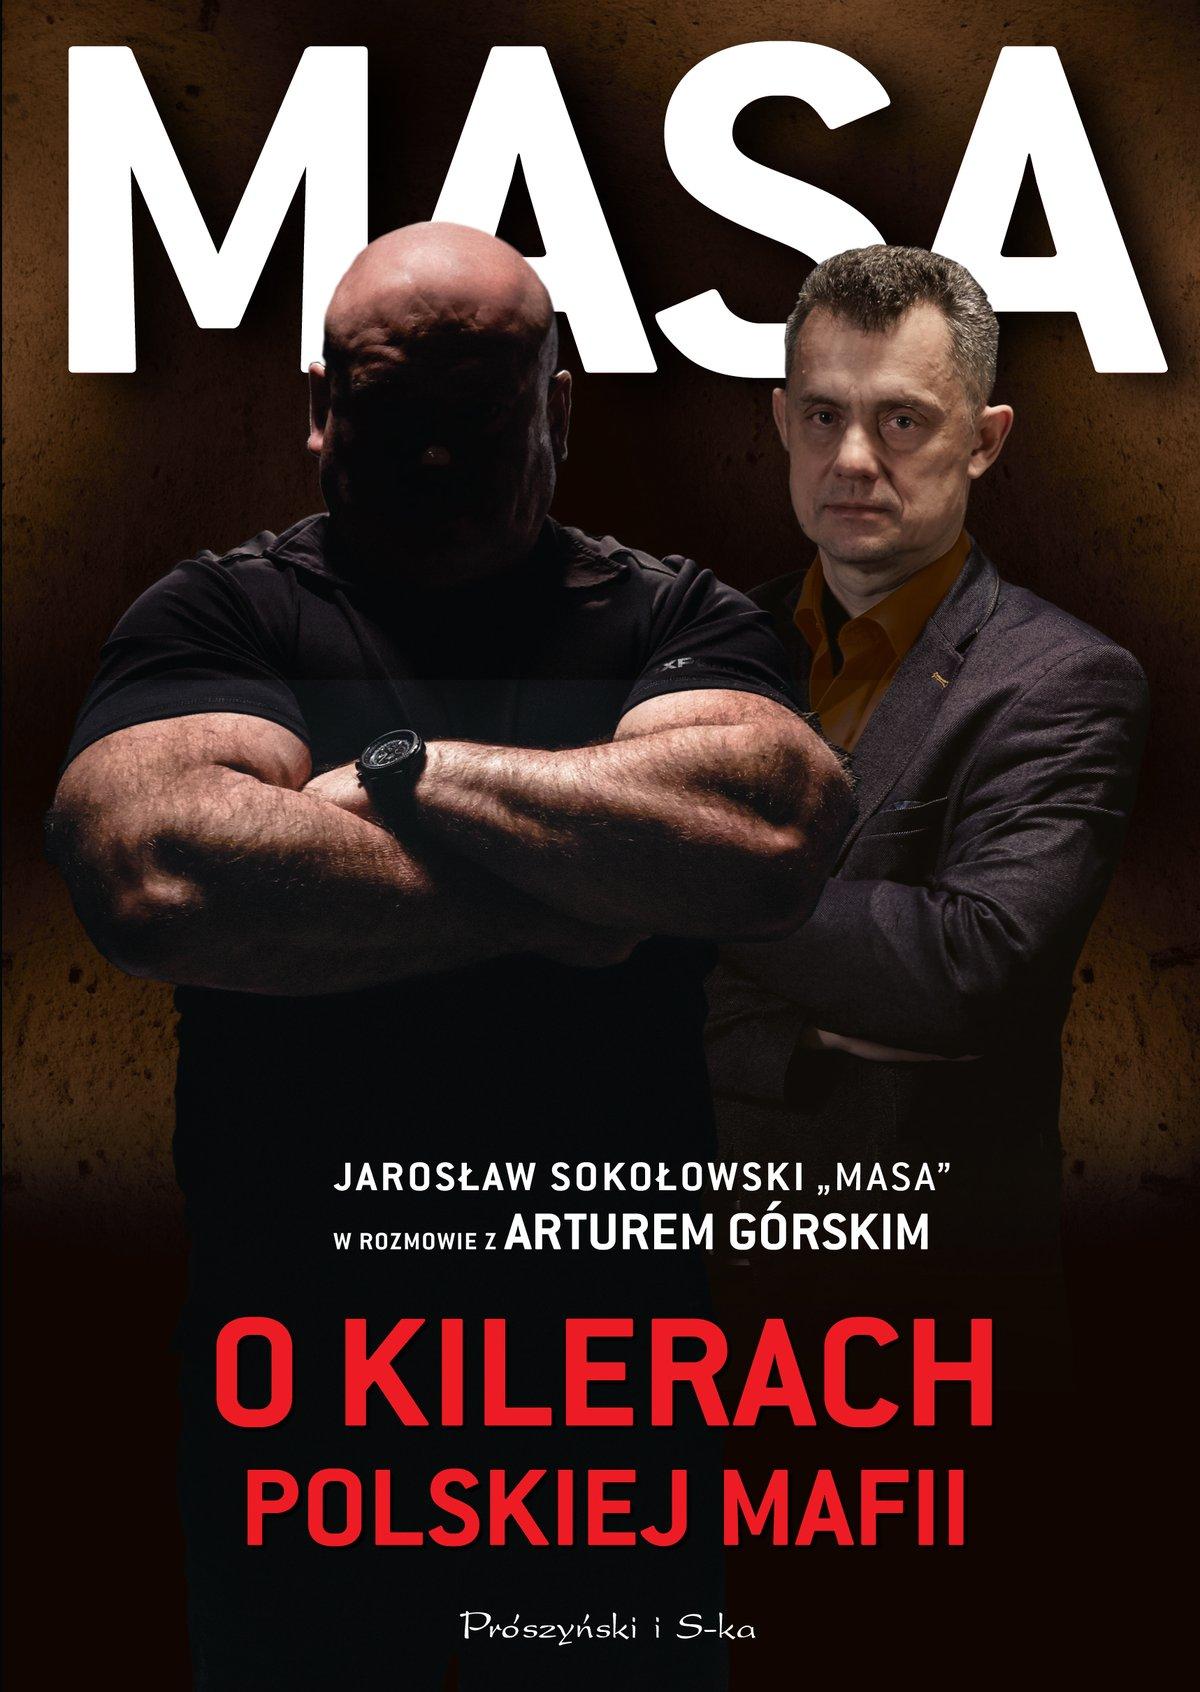 Masa o kilerach polskiej mafii - Ebook (Książka EPUB) do pobrania w formacie EPUB